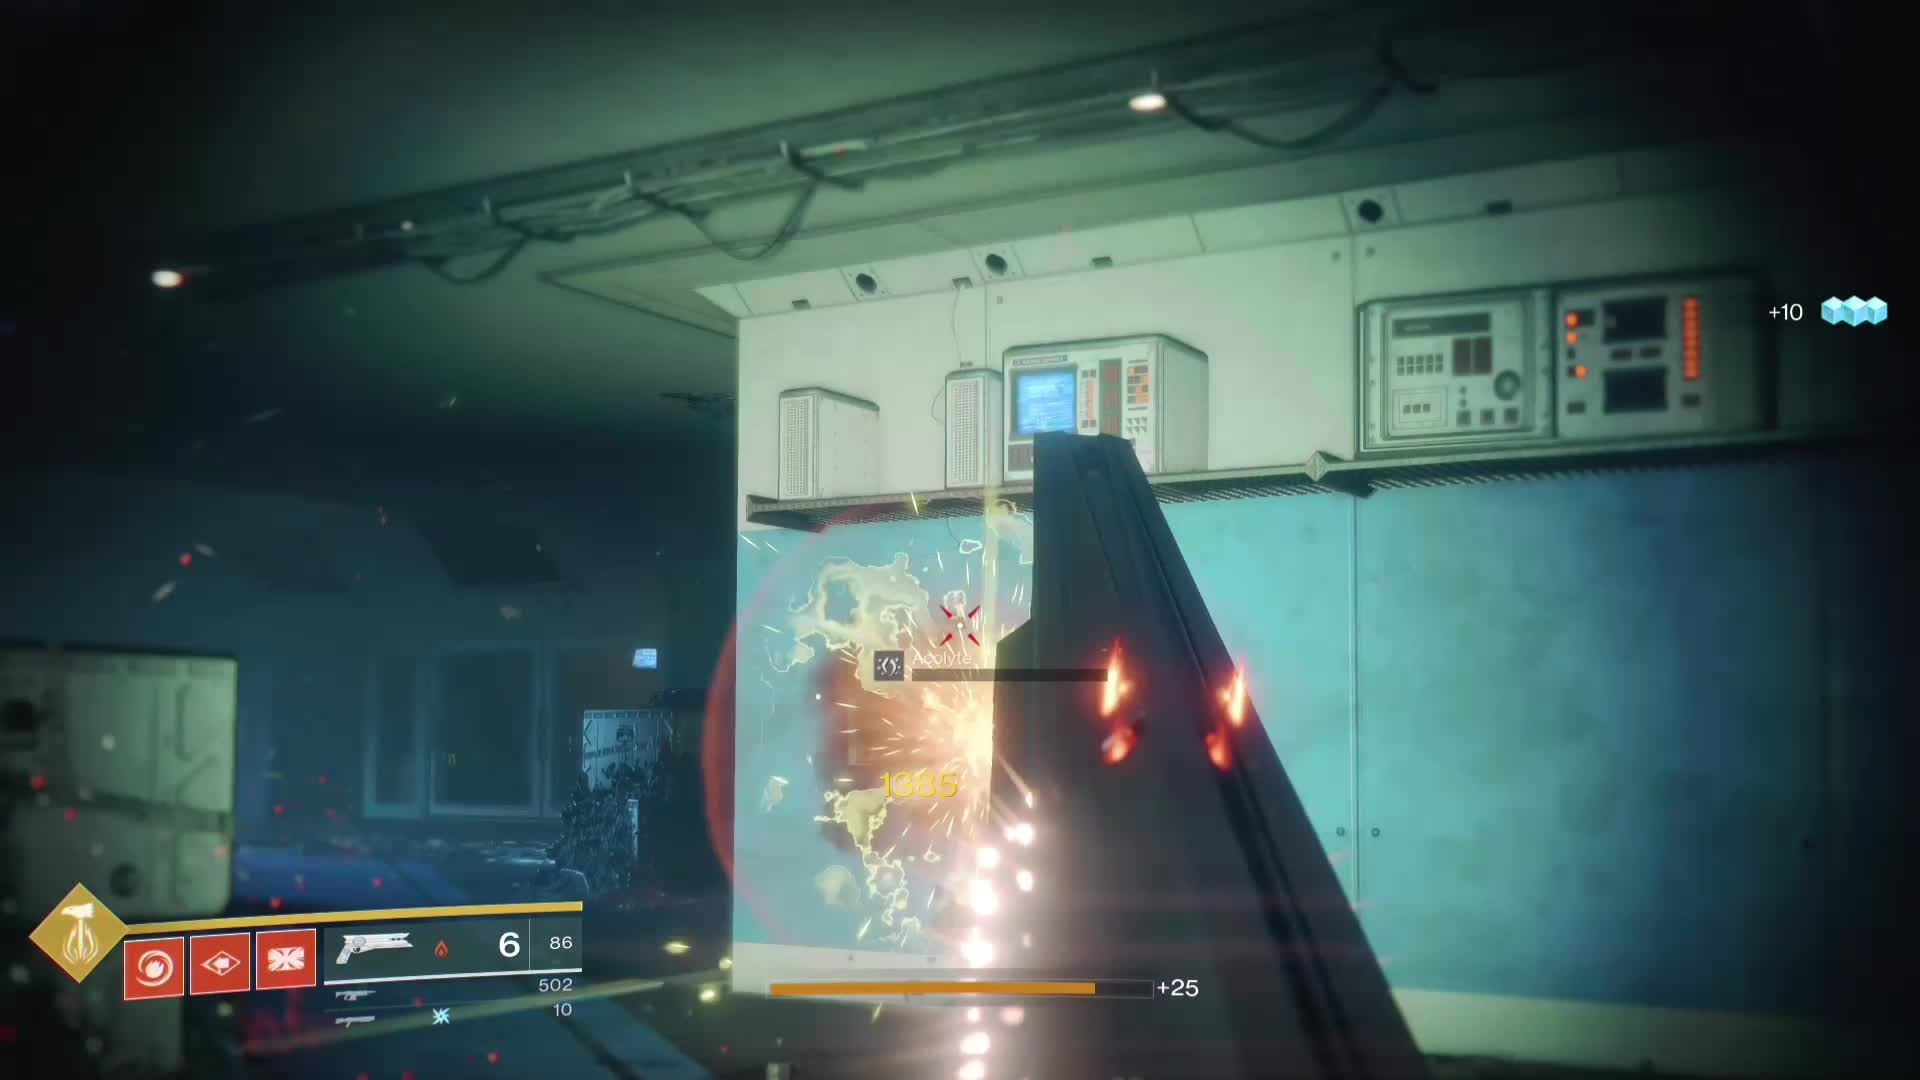 Destiny2, ausmara, xbox, xbox dvr, xbox one, Explosions GIFs